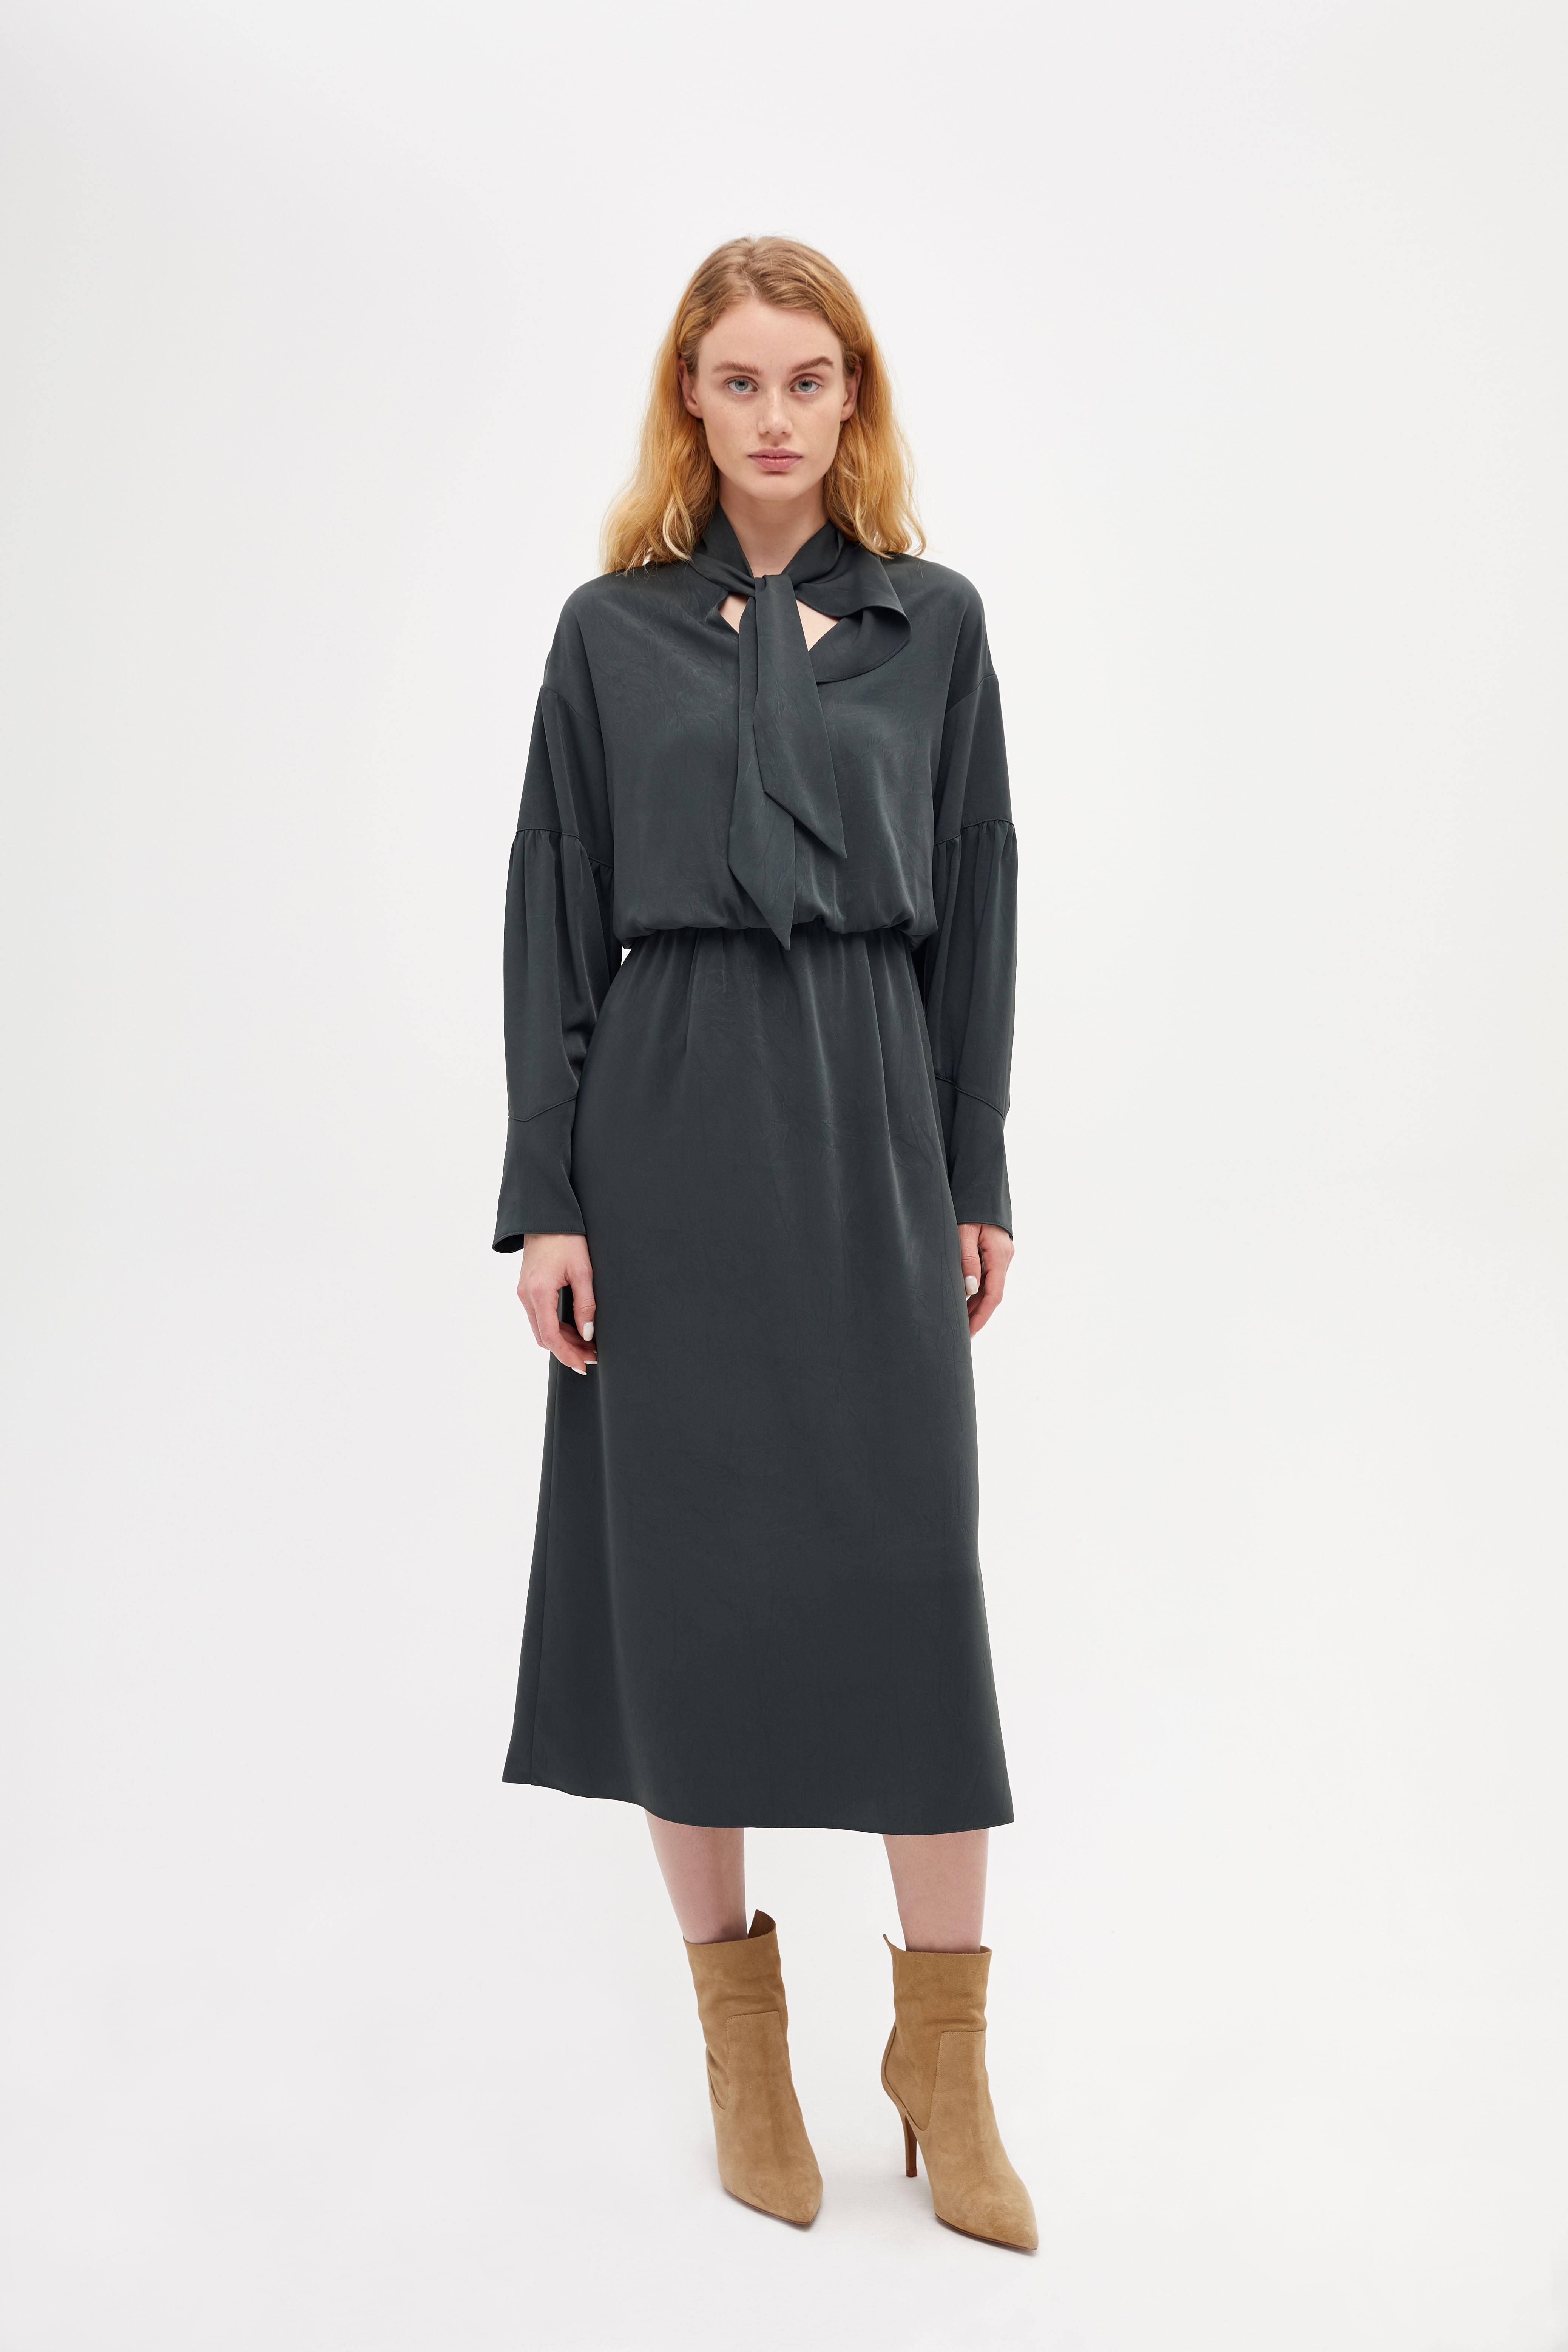 Платье LIME Платье с завязками wayf платье трапеция iris с завязками на спине